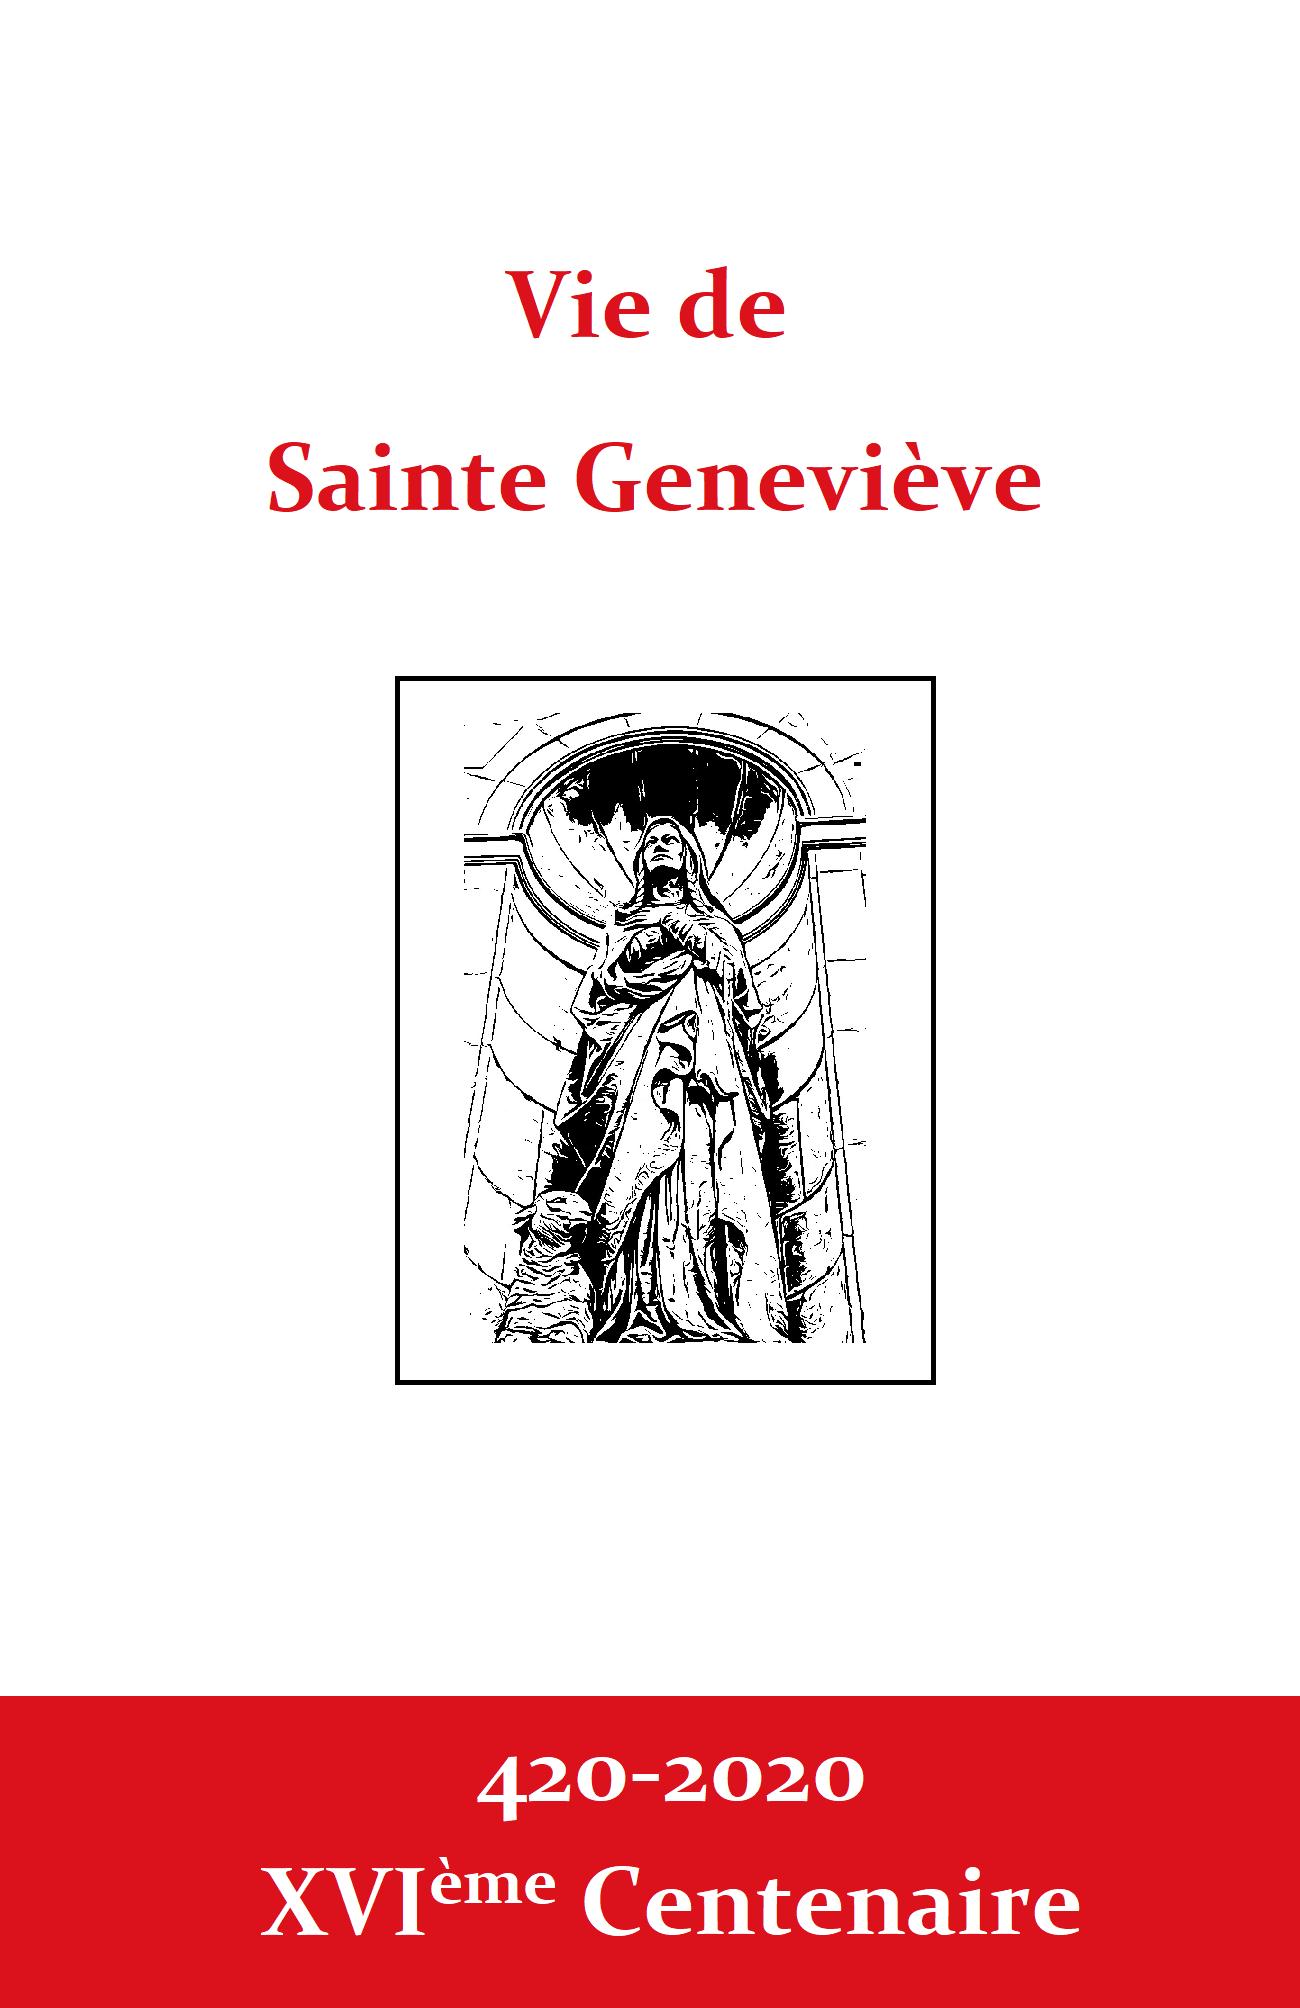 Vie de Sainte Geneviève